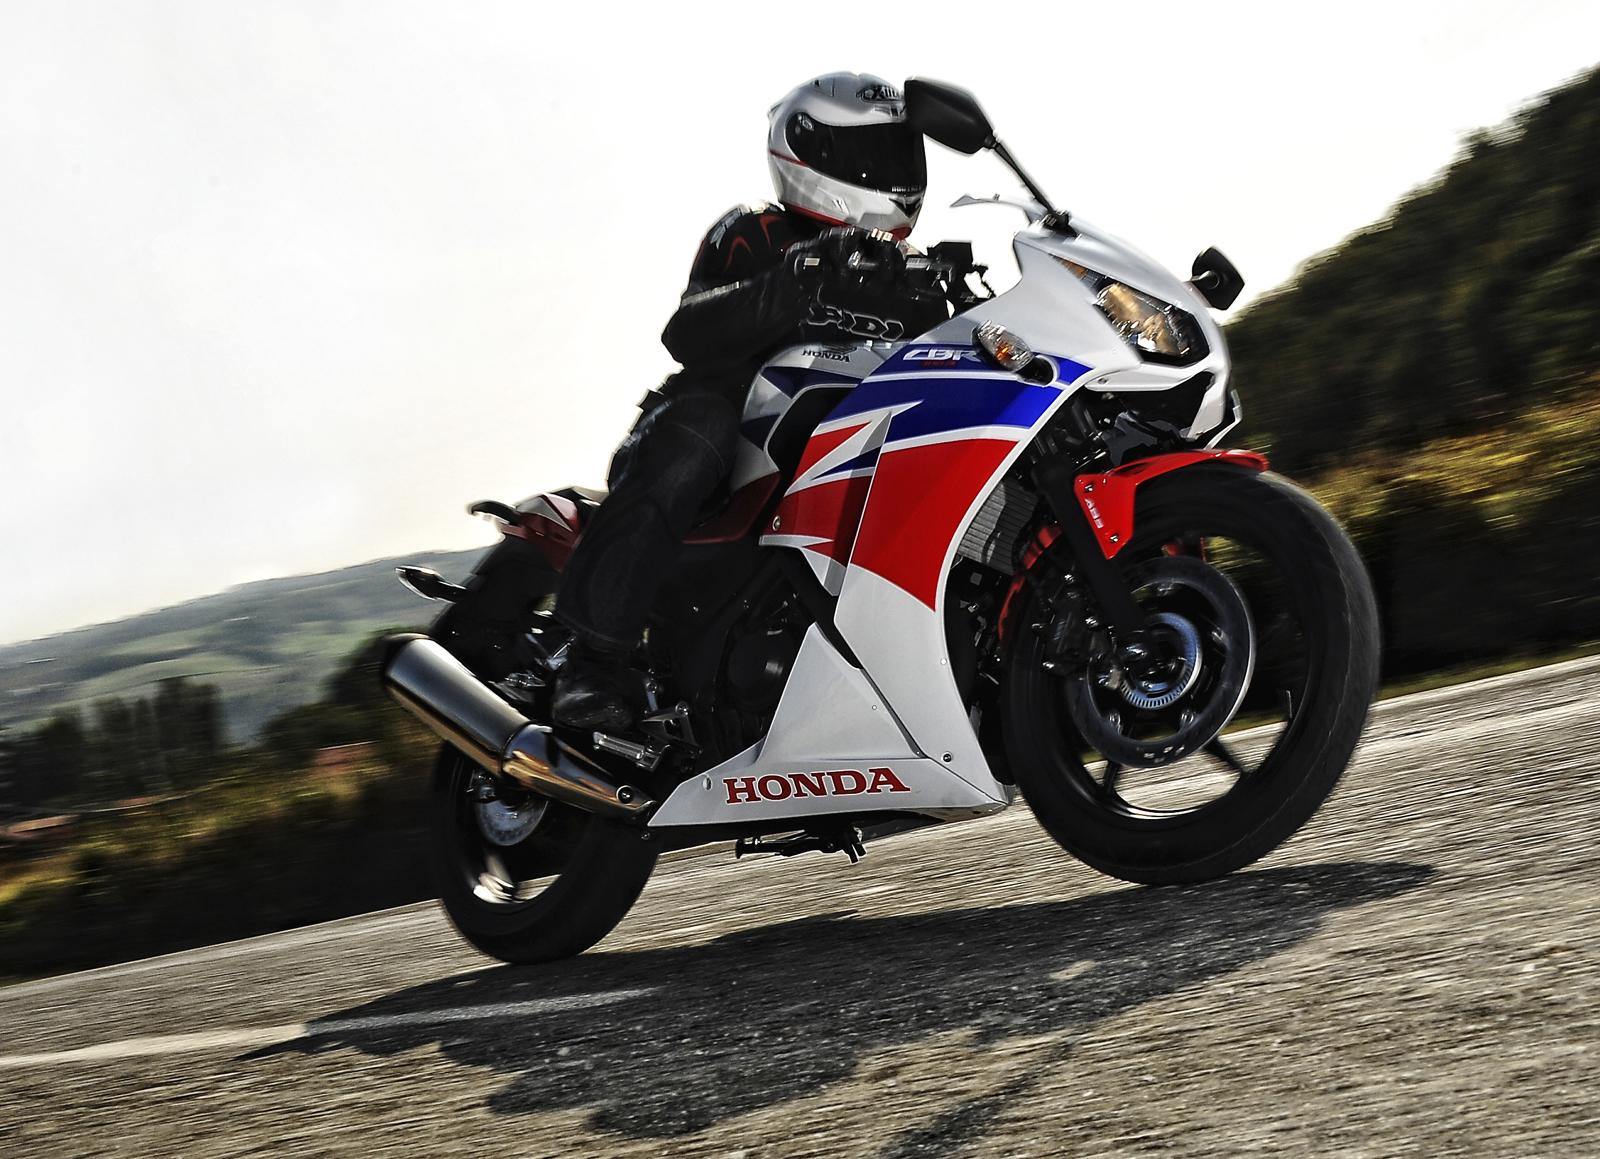 Honda Cb 1000 R usato in Italia | vedi tutte i 67 prezzi!